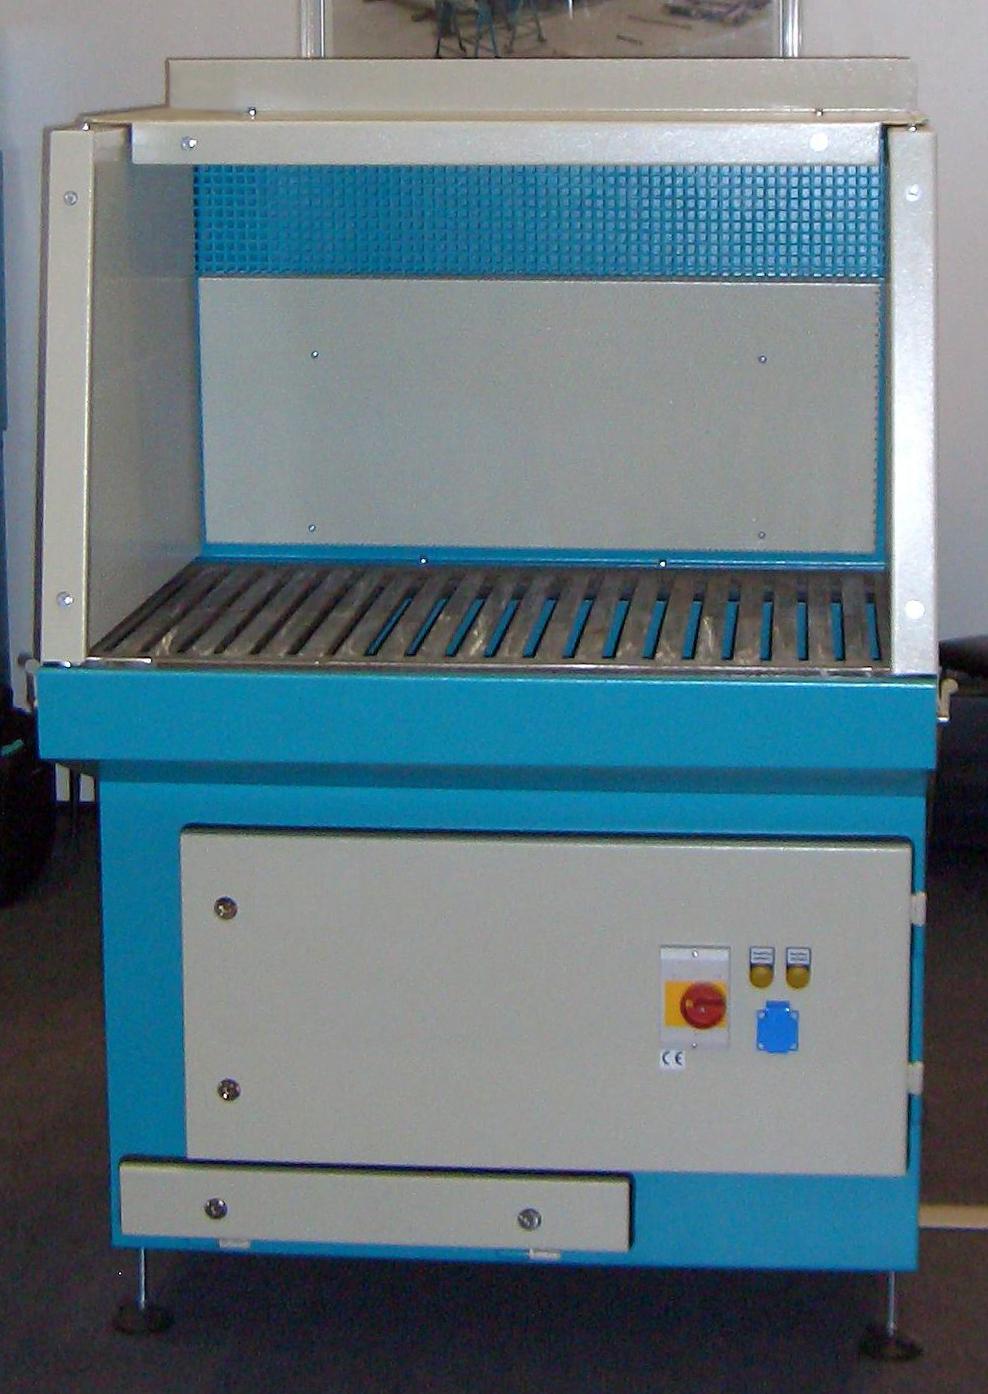 Schweißarbeitstisch mit integrierter Absaugung und Schalldämmung (W3-Zulassung)